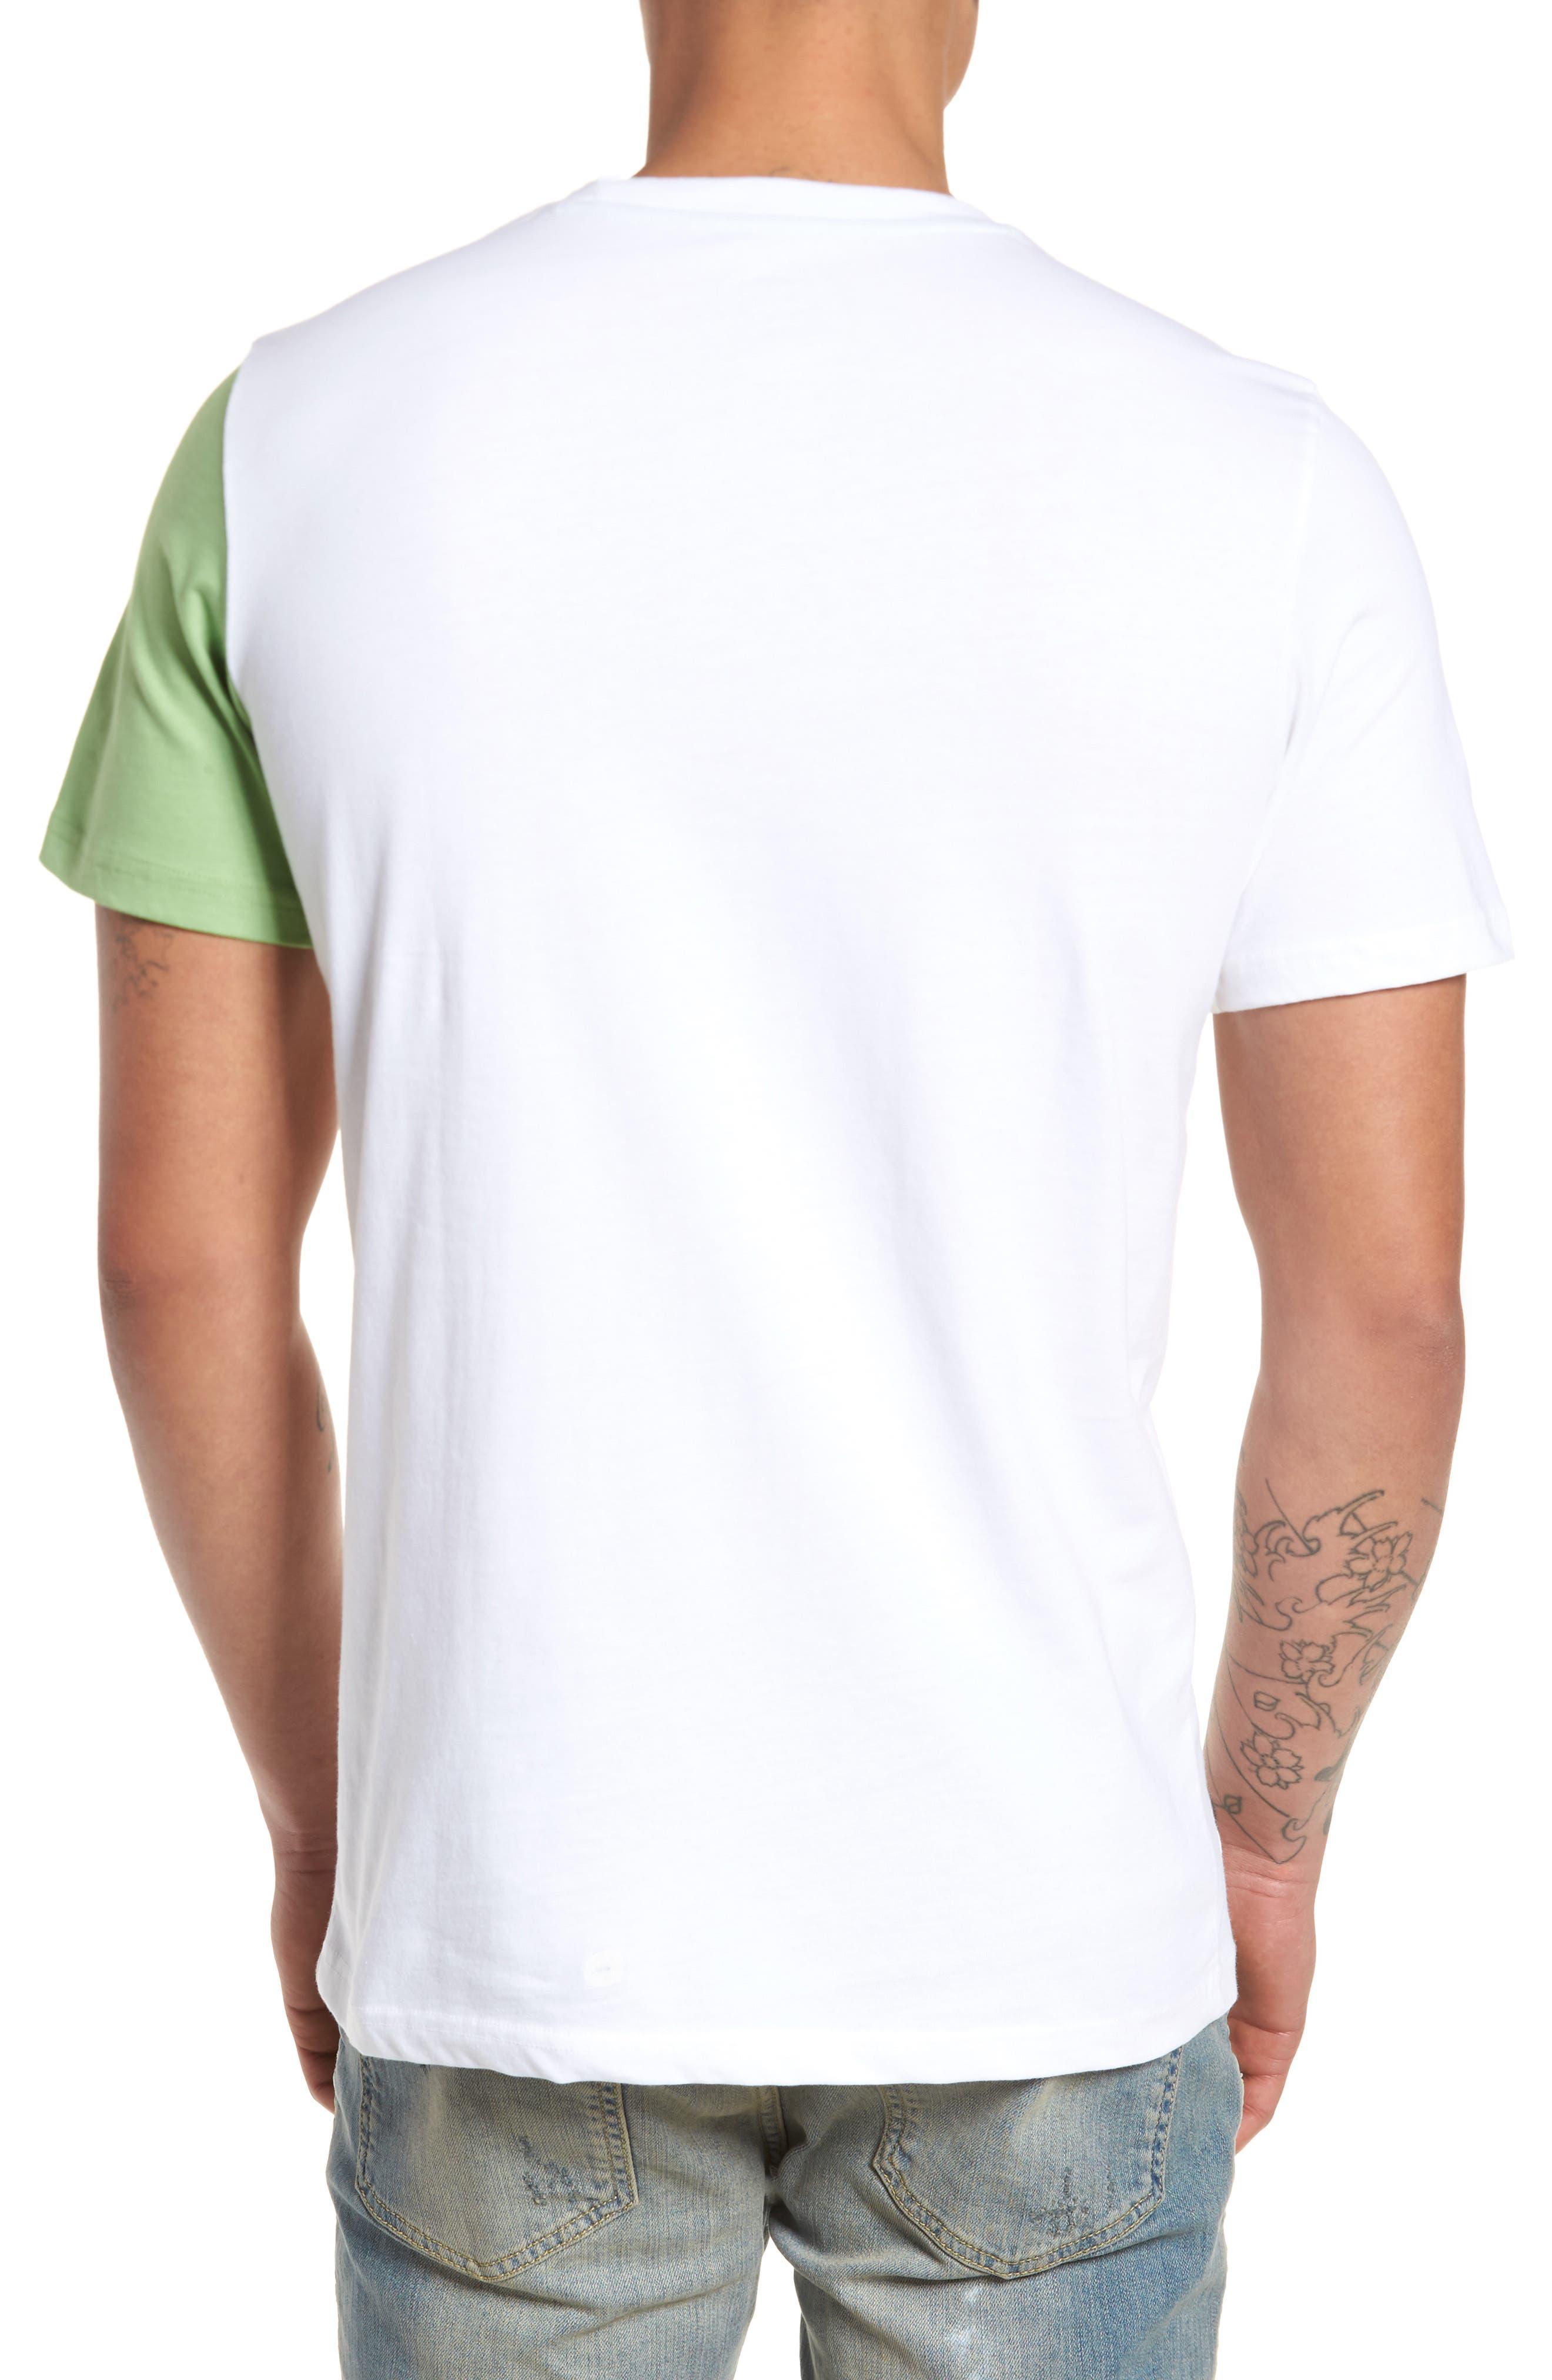 Tides T-Shirt,                             Alternate thumbnail 2, color,                             100